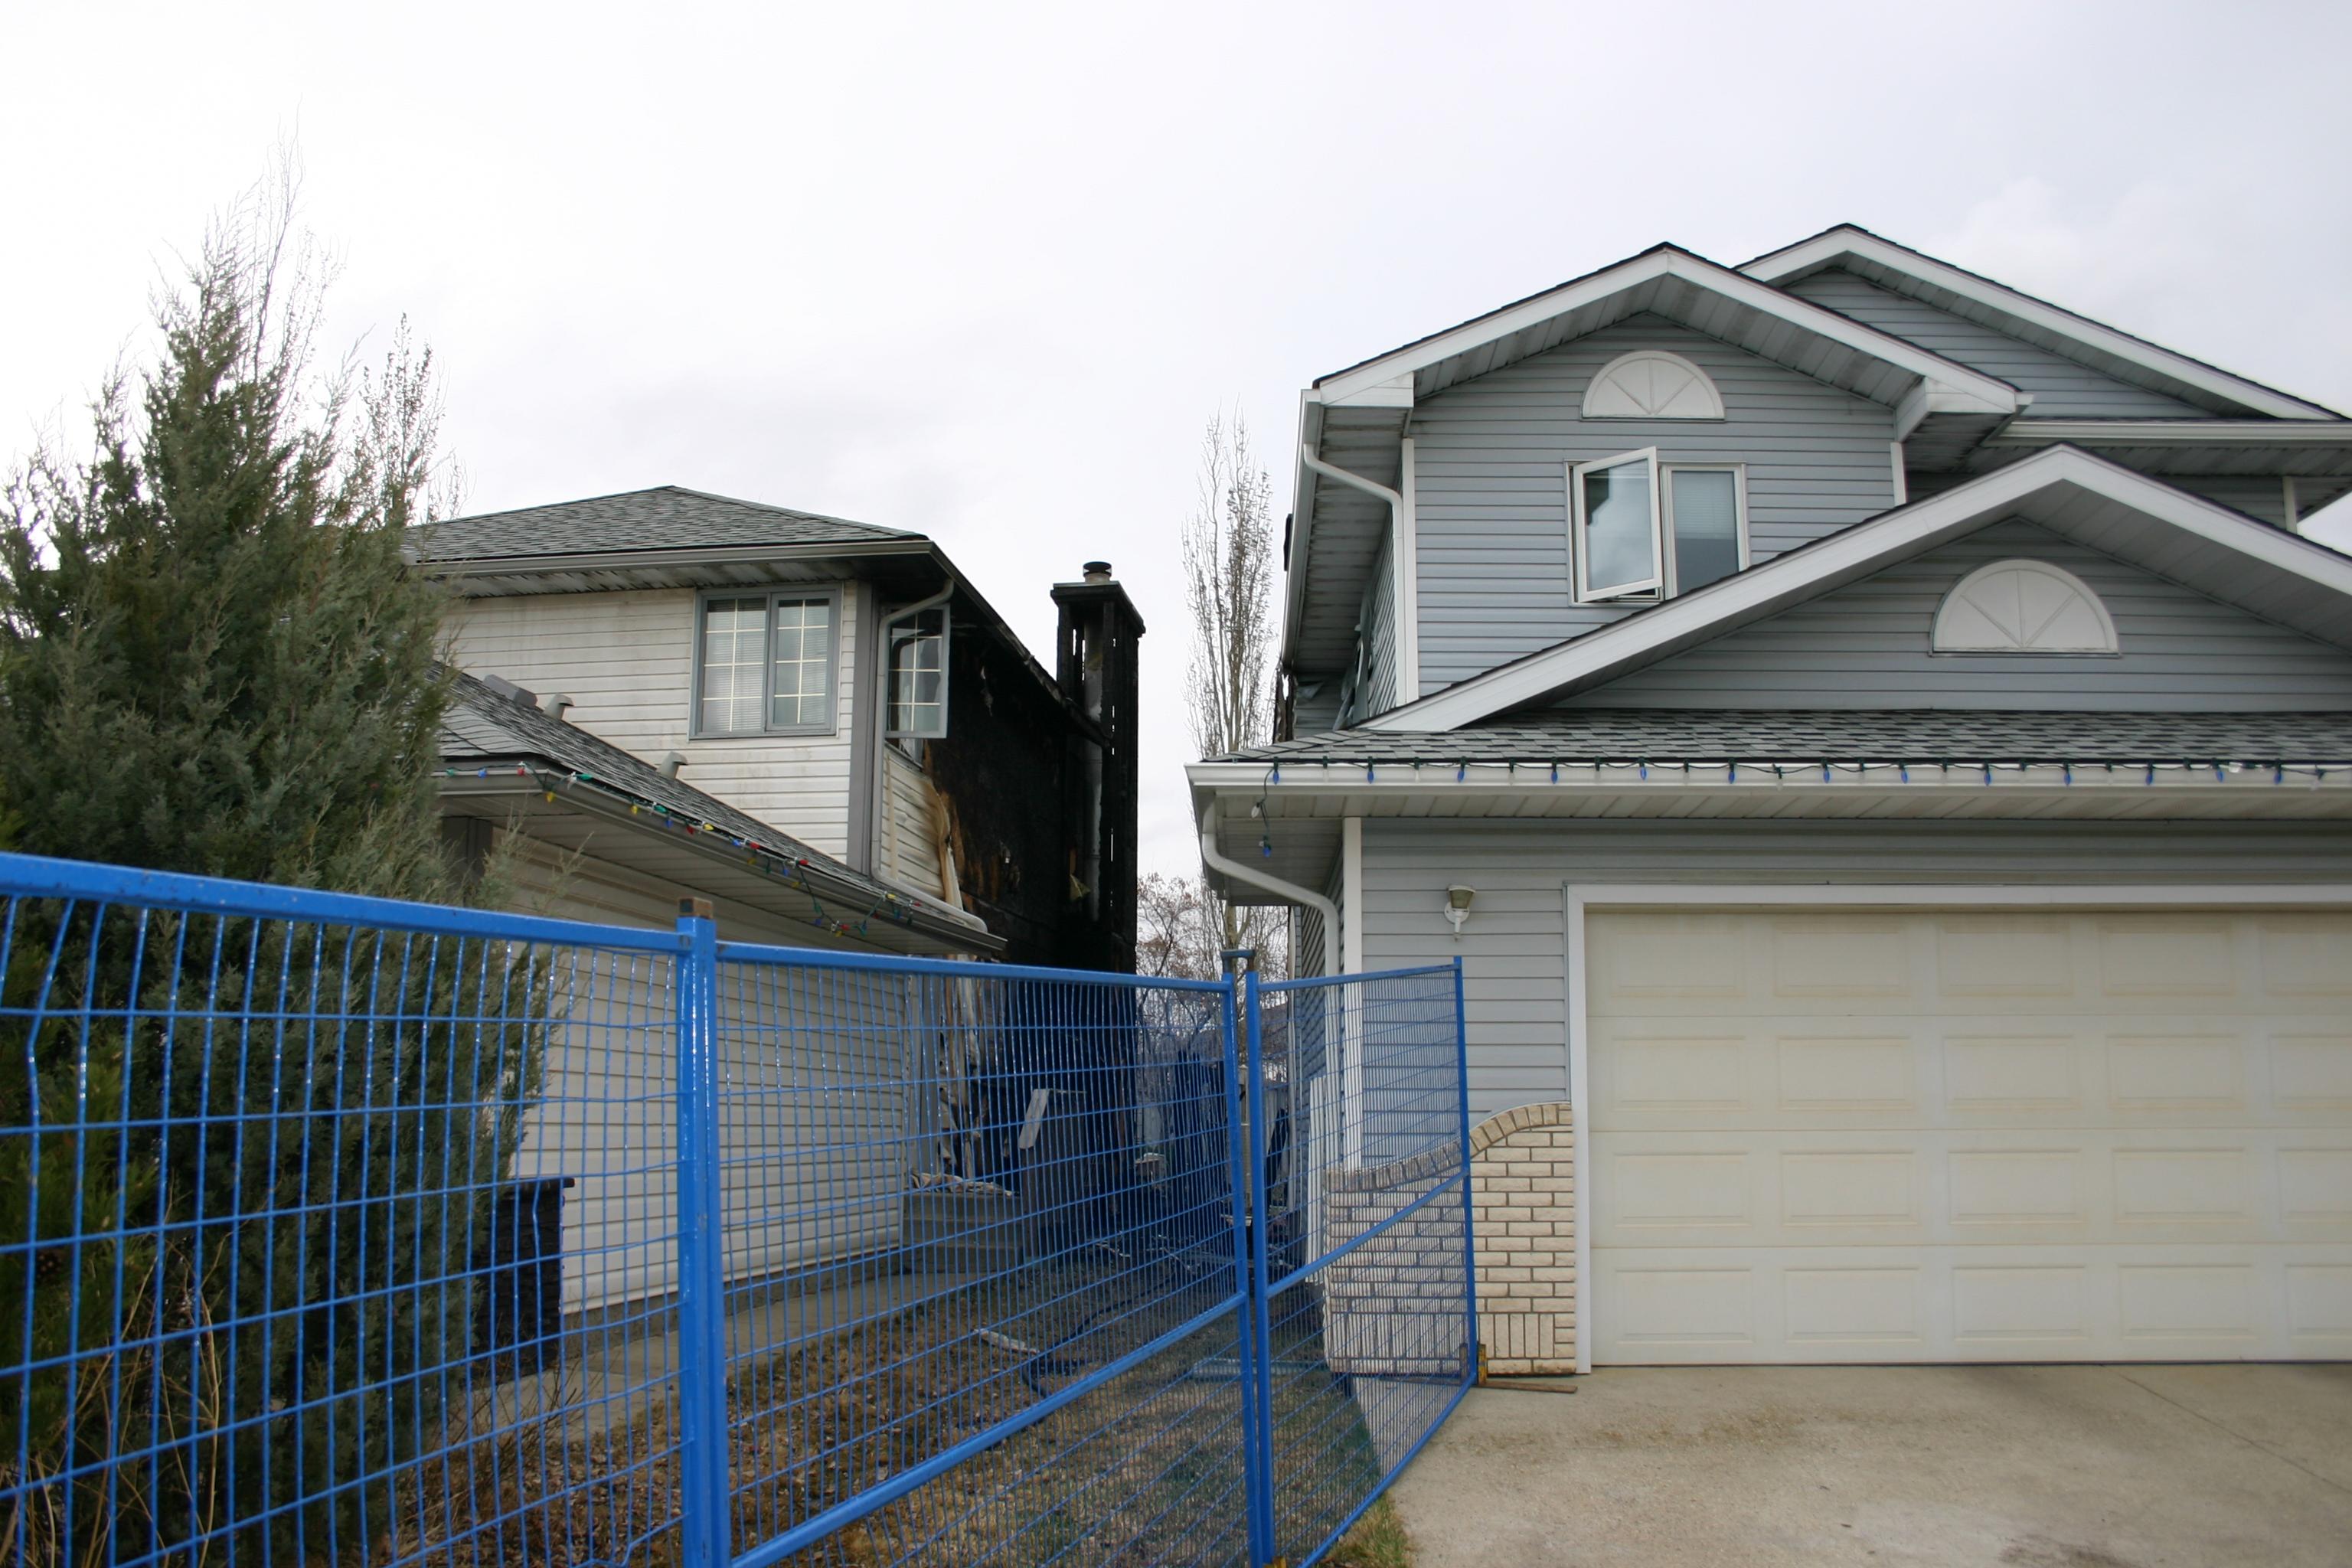 Edmonton Millwoods House Fire